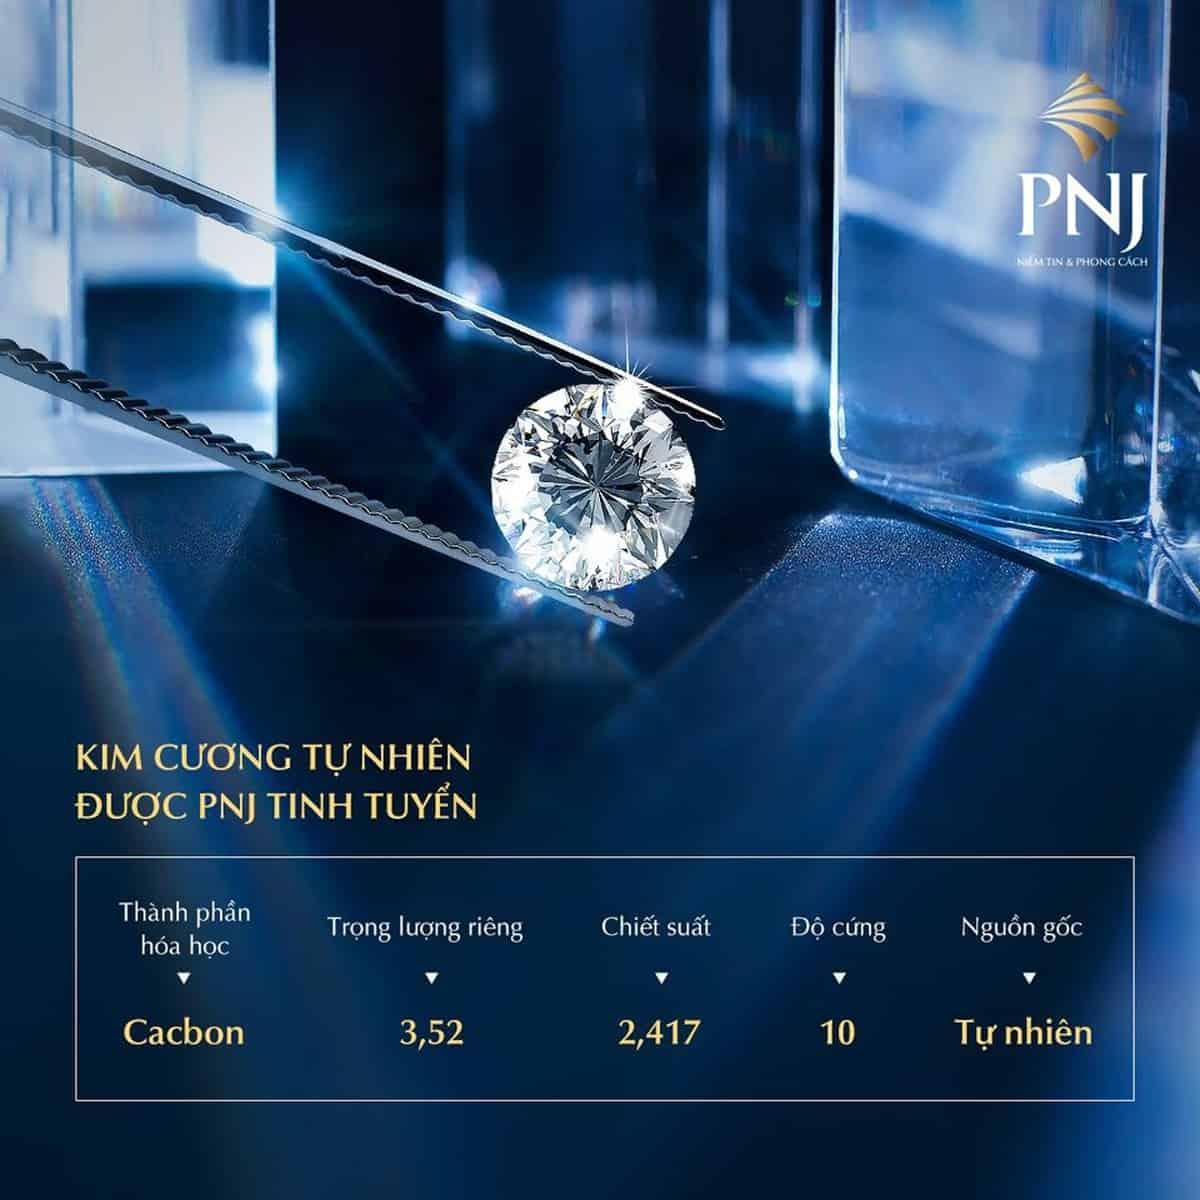 Kim cương của PNJ